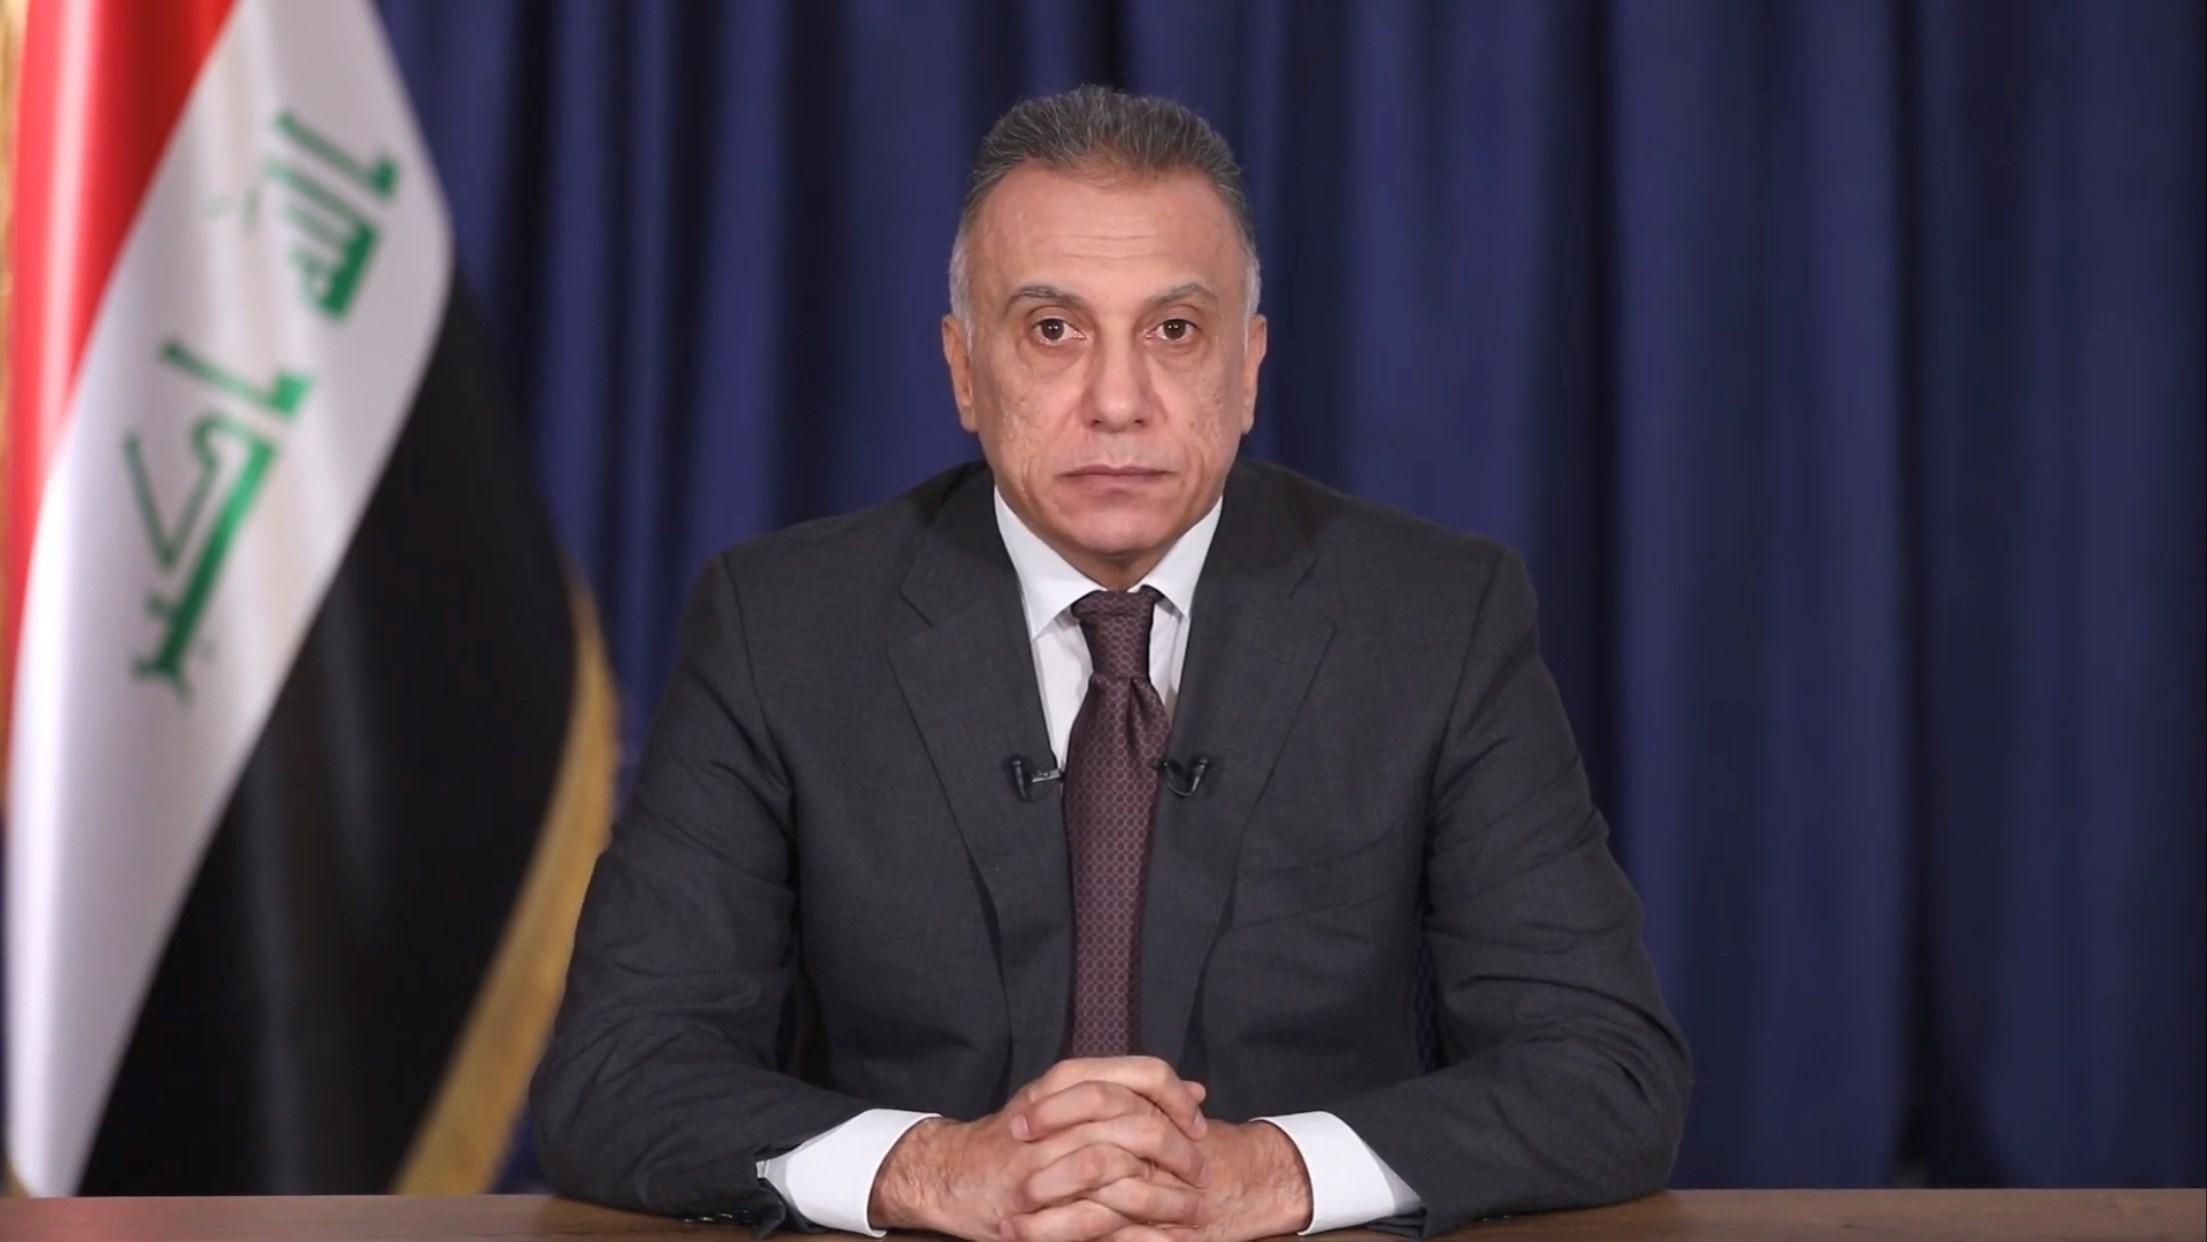 المفوضية ستكون مستعدة لاجراء الانتخابات في الموعد الذي حدده الكاظمي